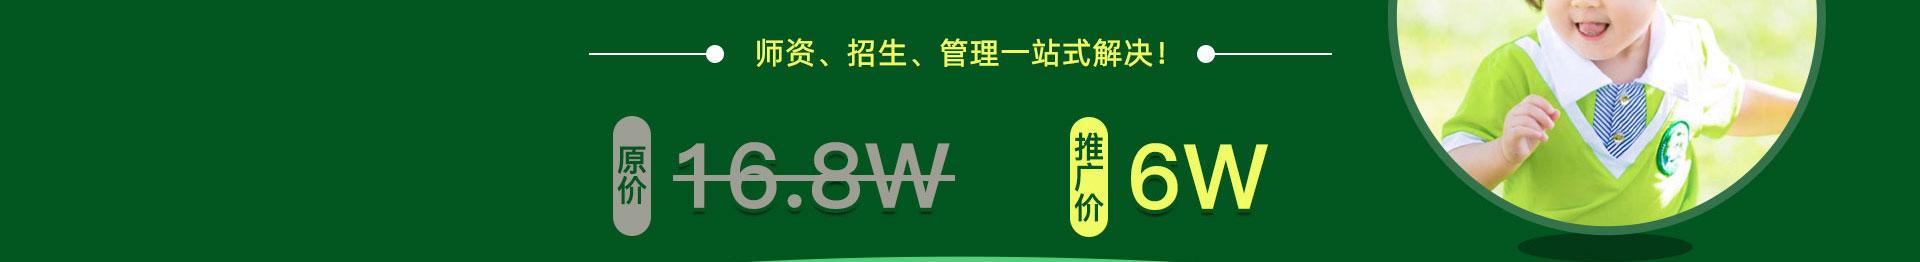 香港艾乐国际幼儿园al_04